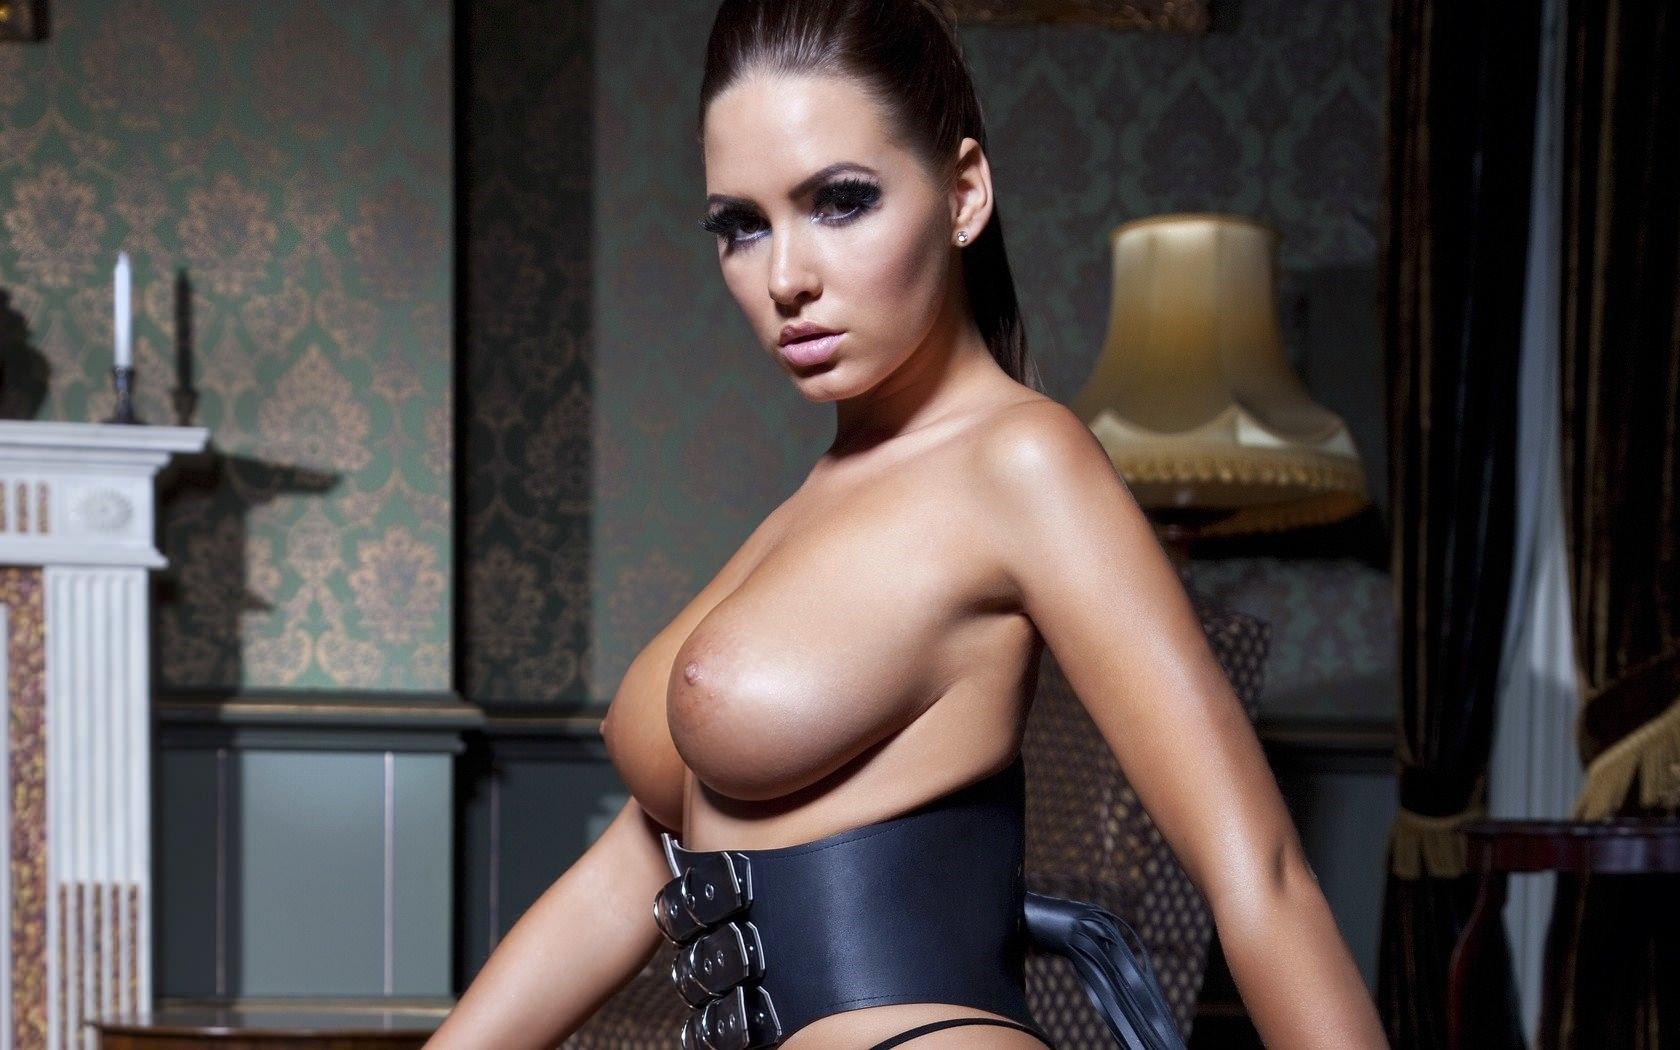 Фото Сексуальная брюнетка в черном корсете до груди, большие красивые голые сиськи, соблазнительная девушка с обнаженной грудью в комнате с камином. Sexy brunette in the room, black corset, naked boobs, sexy tits, sexy body, shiny tits, скачать картинку бесплатно